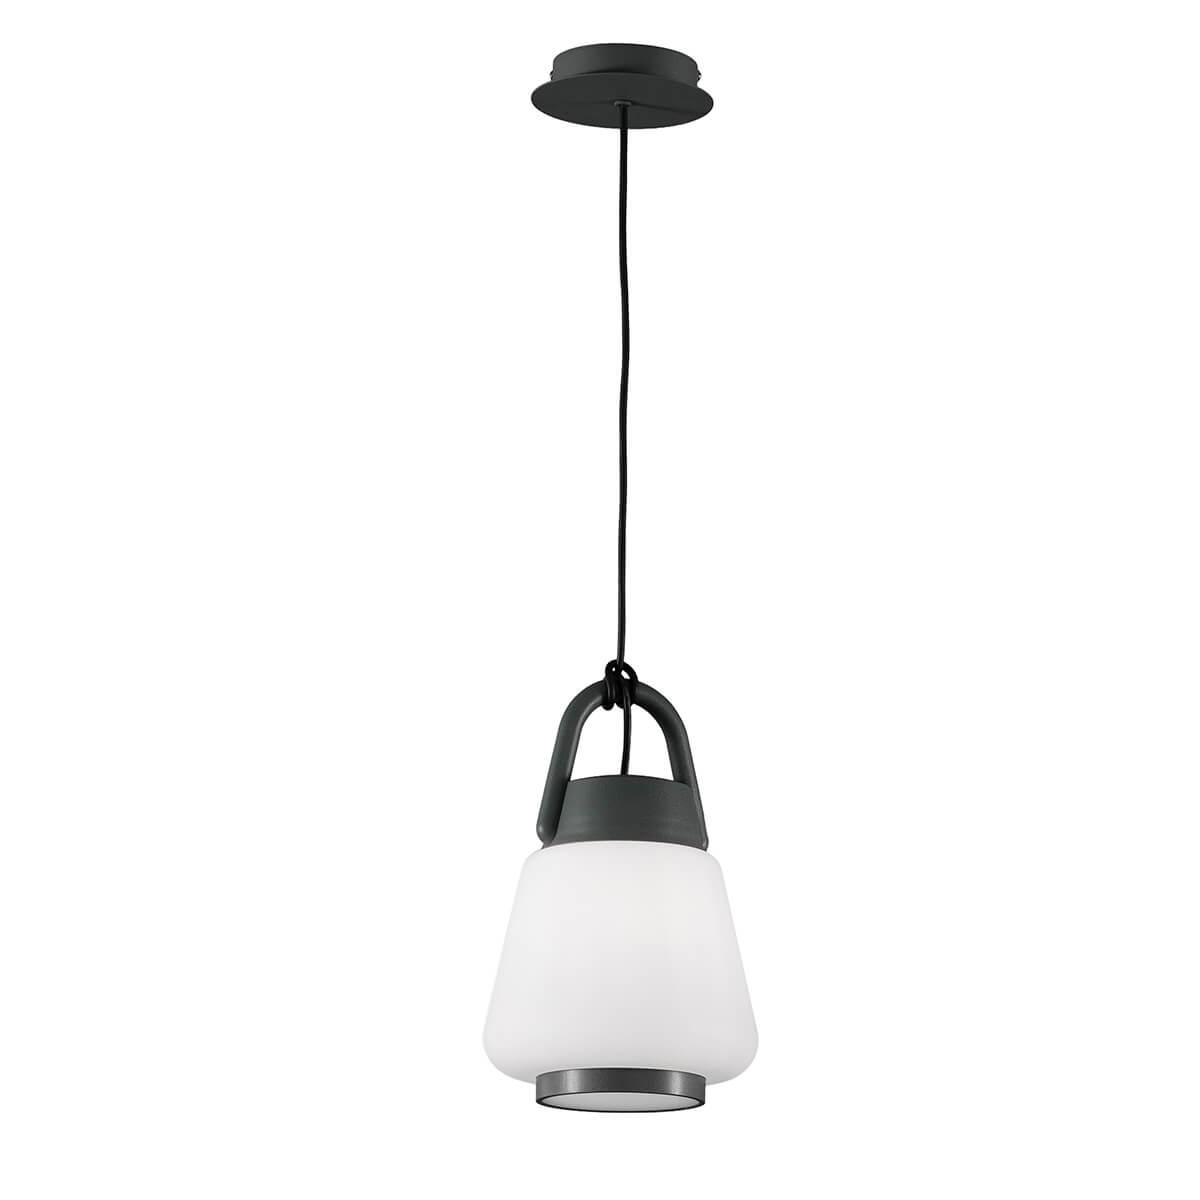 Уличный подвесной светильник Mantra Kinke 6210 nowley nowley 8 6210 0 1